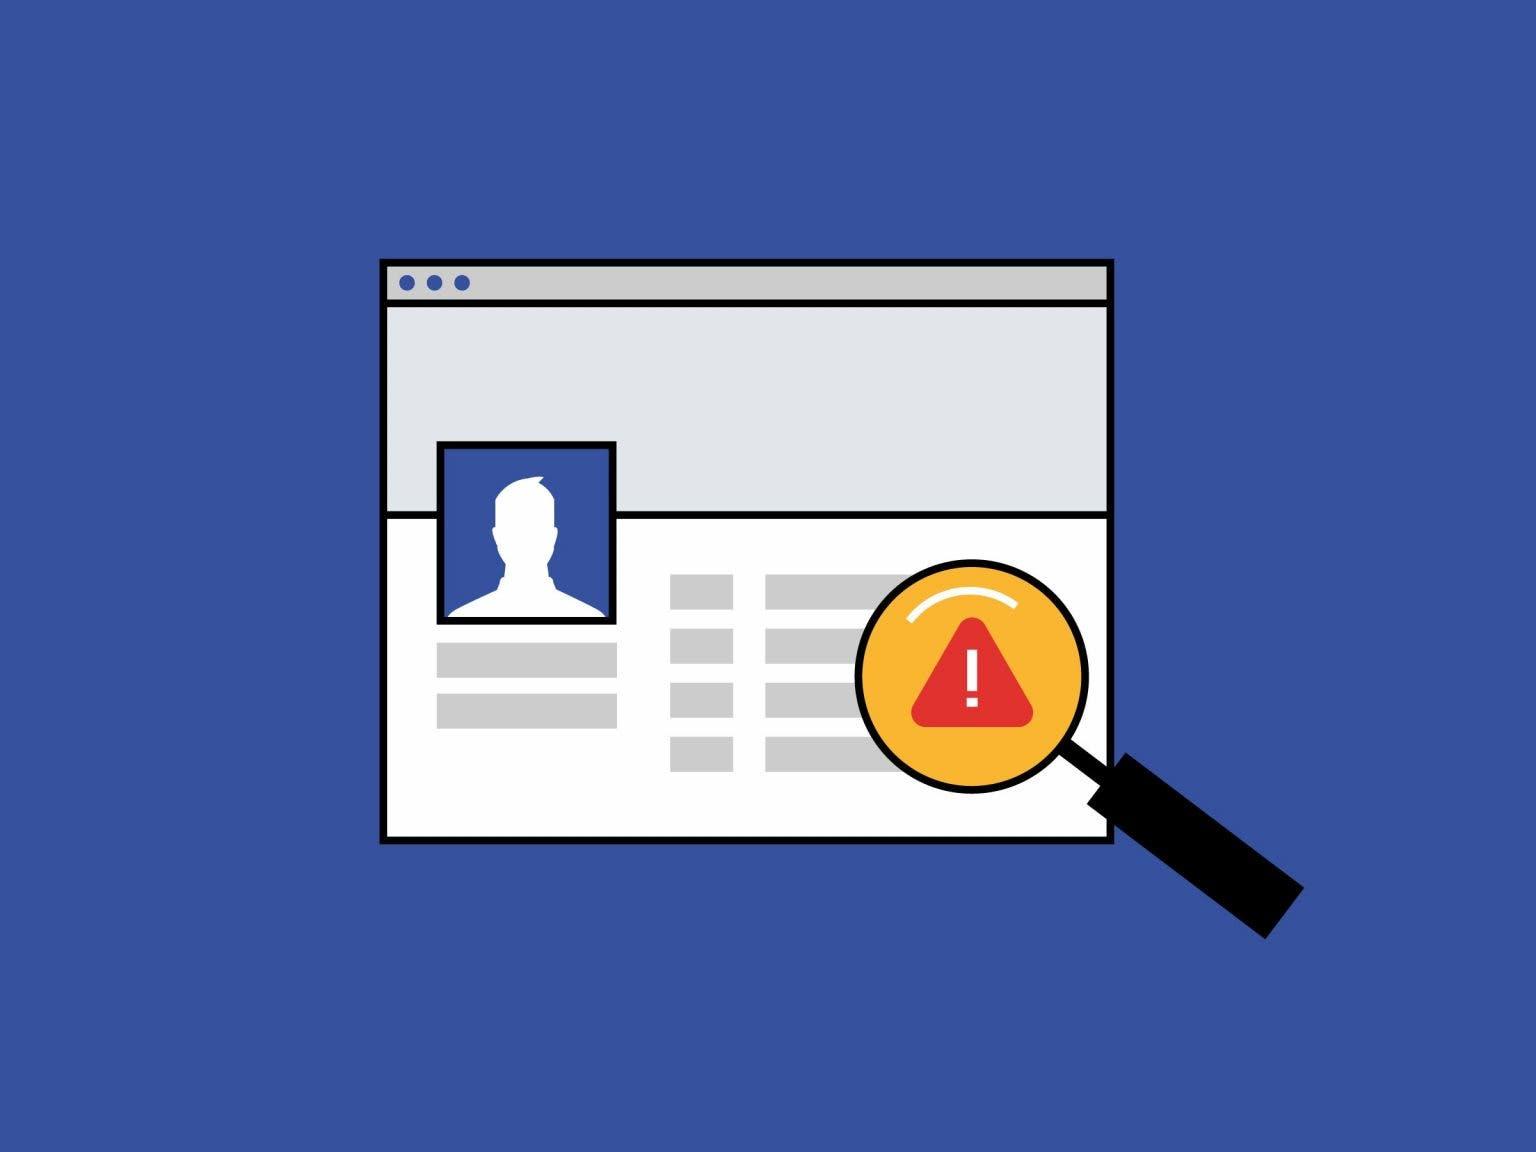 Facebook; Topluluk Standartları Güçlendirmek İçin Yapay Zekayı Geliştiriyor